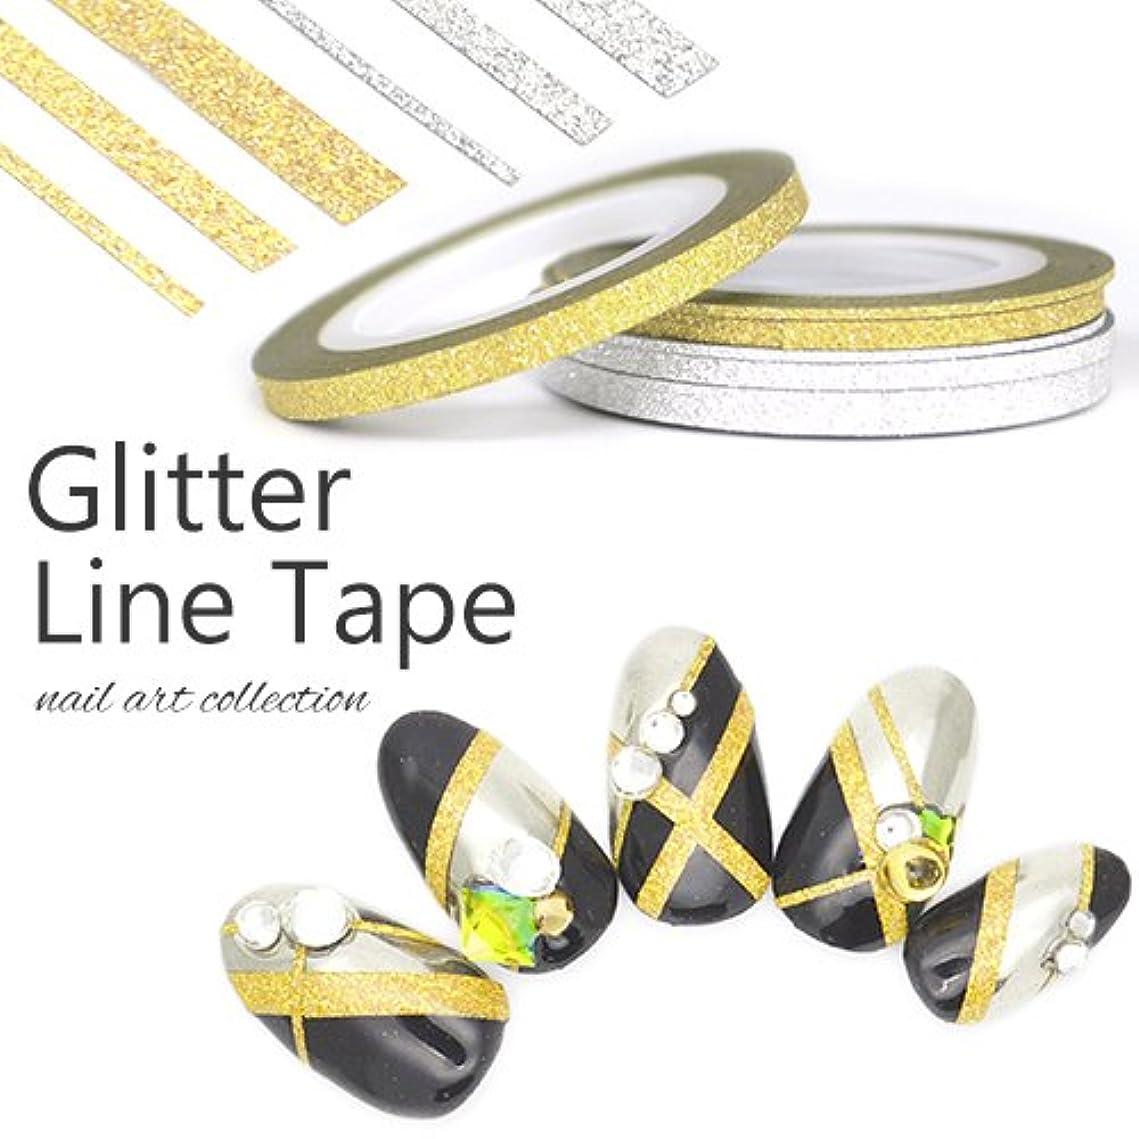 食堂チョップ薄める【ゴールド 3mm】ネイル用ラインテープ グリッターラインテープ